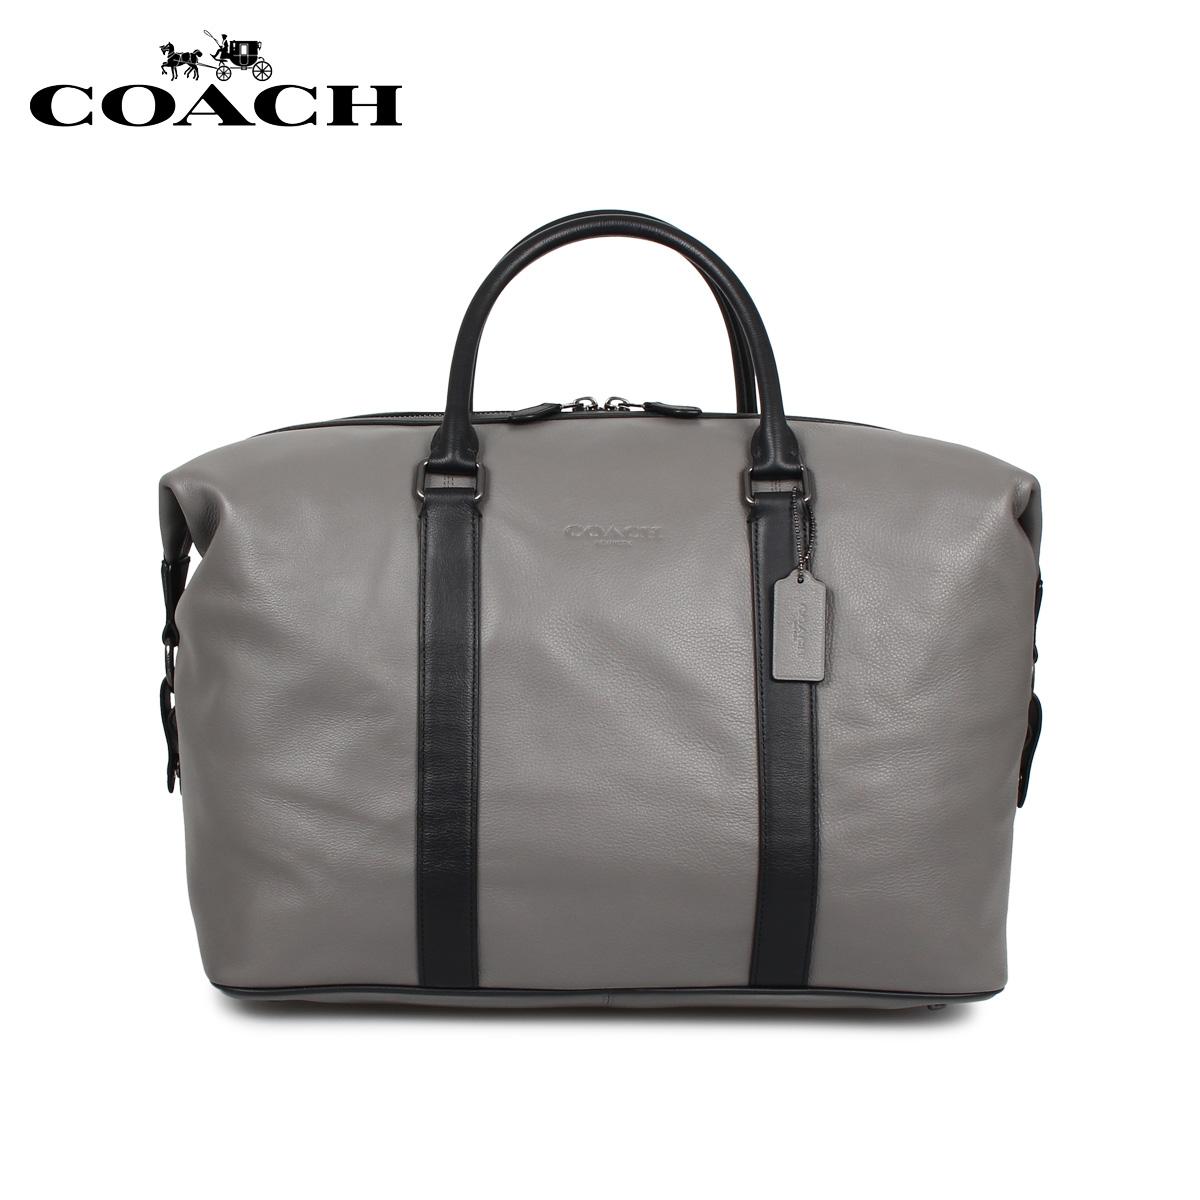 COACH F54765 コーチ バッグ ボストンバッグ メンズ グレー